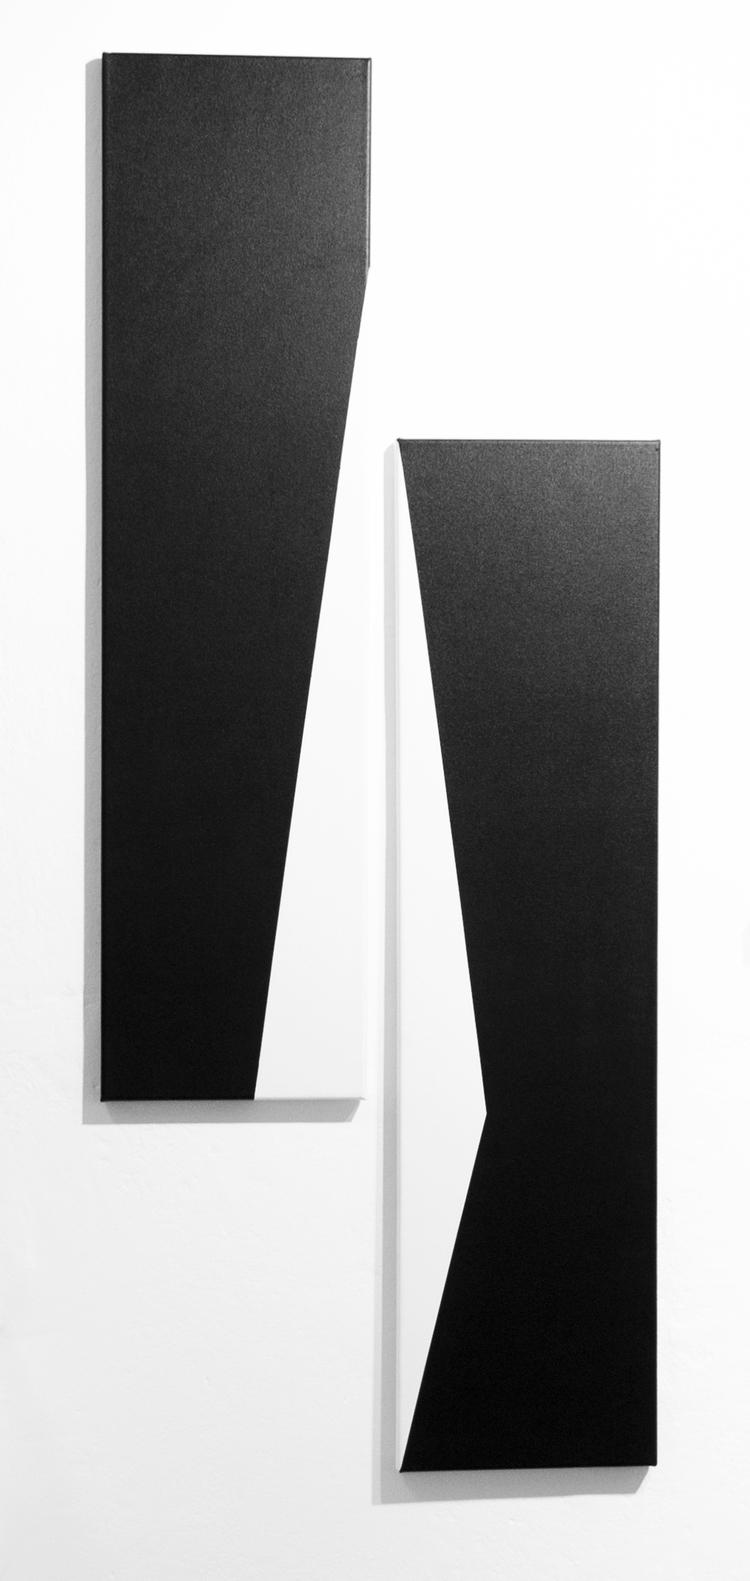 'One Size Fits All VI ', 2017, ett konstverk av Ylva Nissen